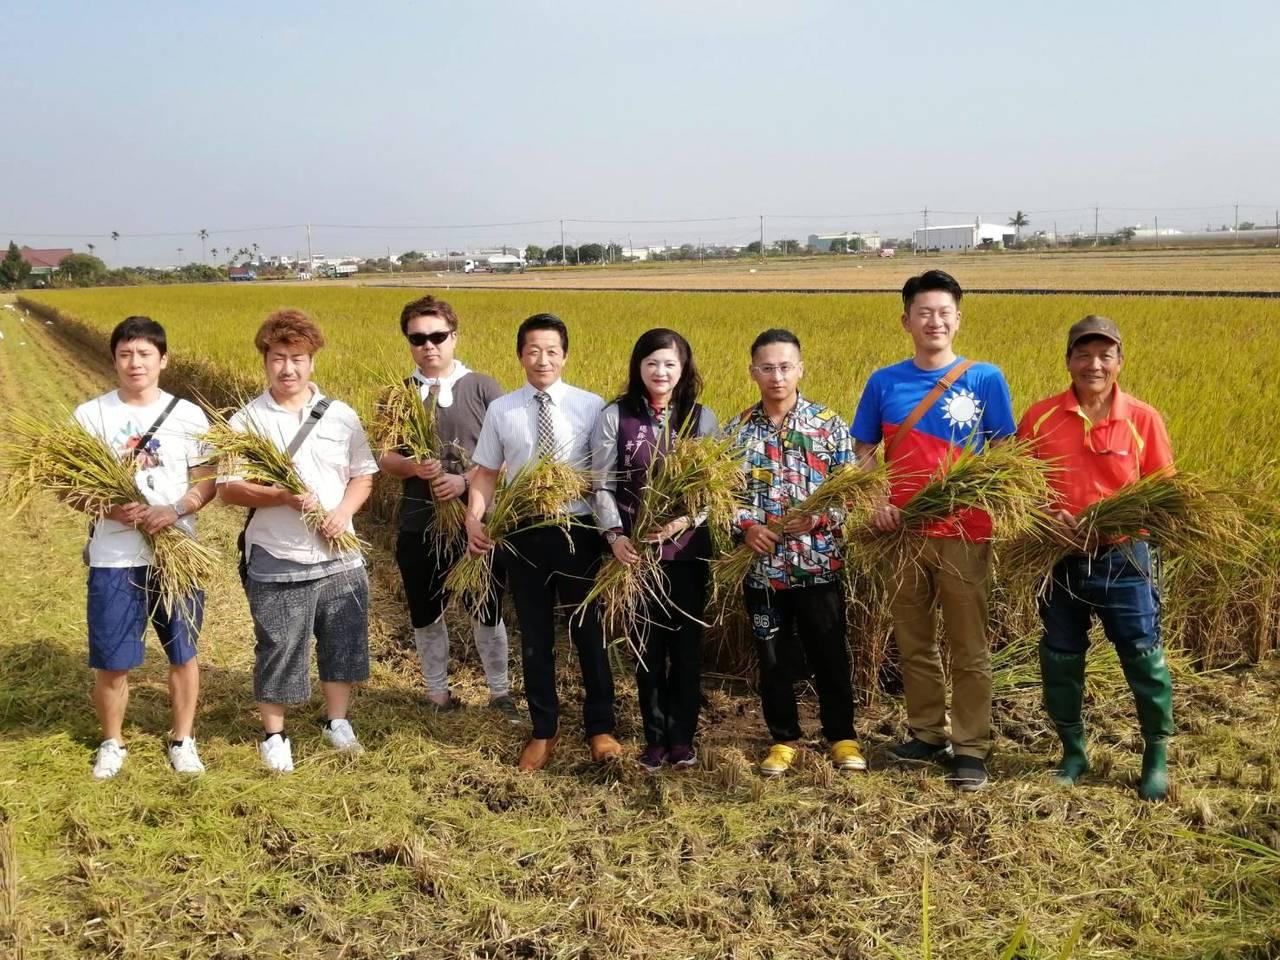 日本青農上午前往太保市梅埔里參觀正在收割中的有機米稻田。圖/太保市農會提供